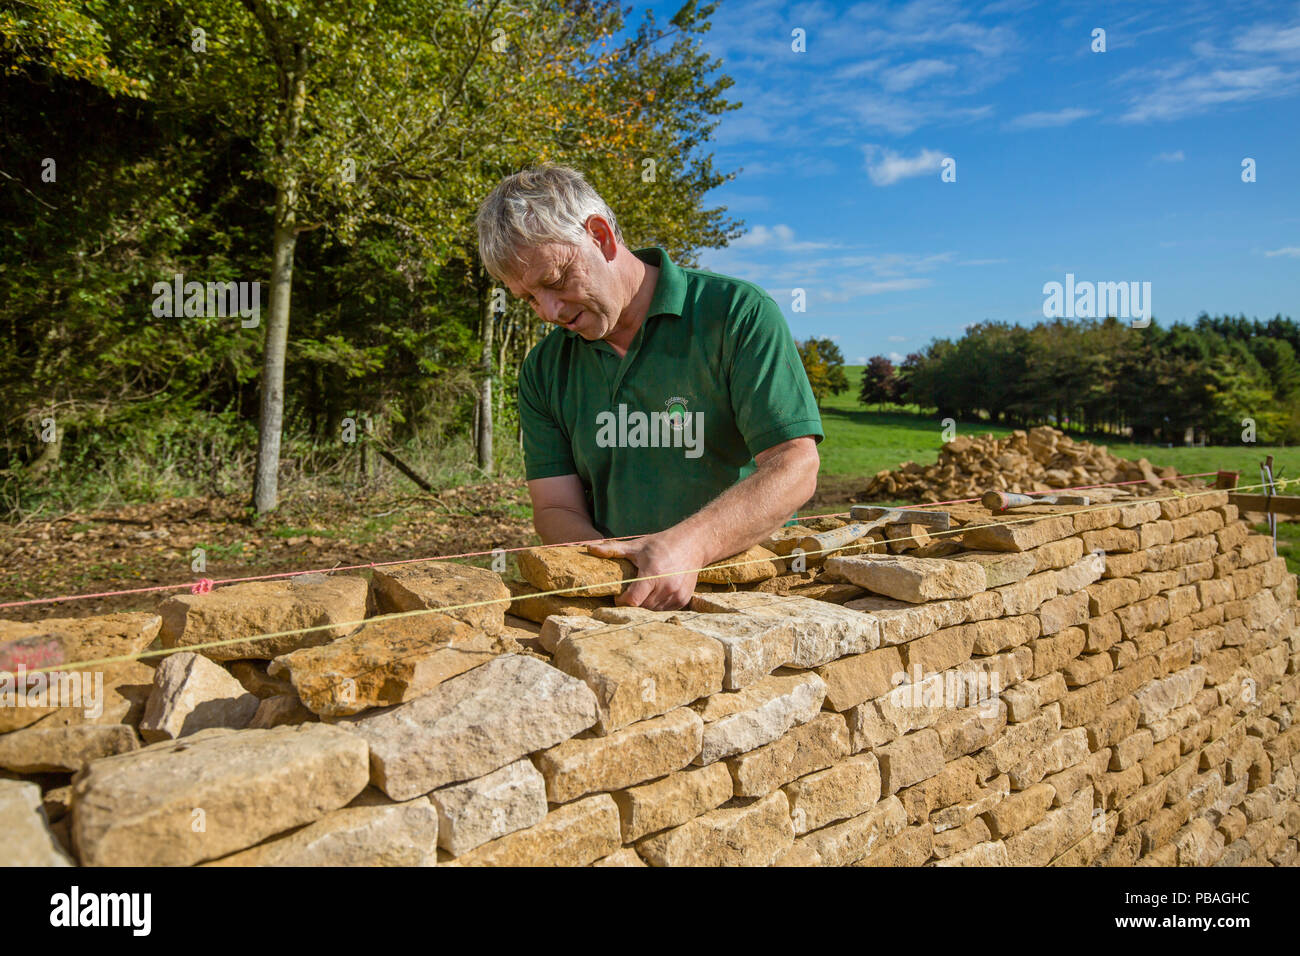 Traditionelle Trockenmauern Waller arbeiten mit Cotswolds Kalkstein eine Mauer, Guiting Macht, Gloucestershire, Vereinigtes Königreich. Oktober 2015. Stockbild